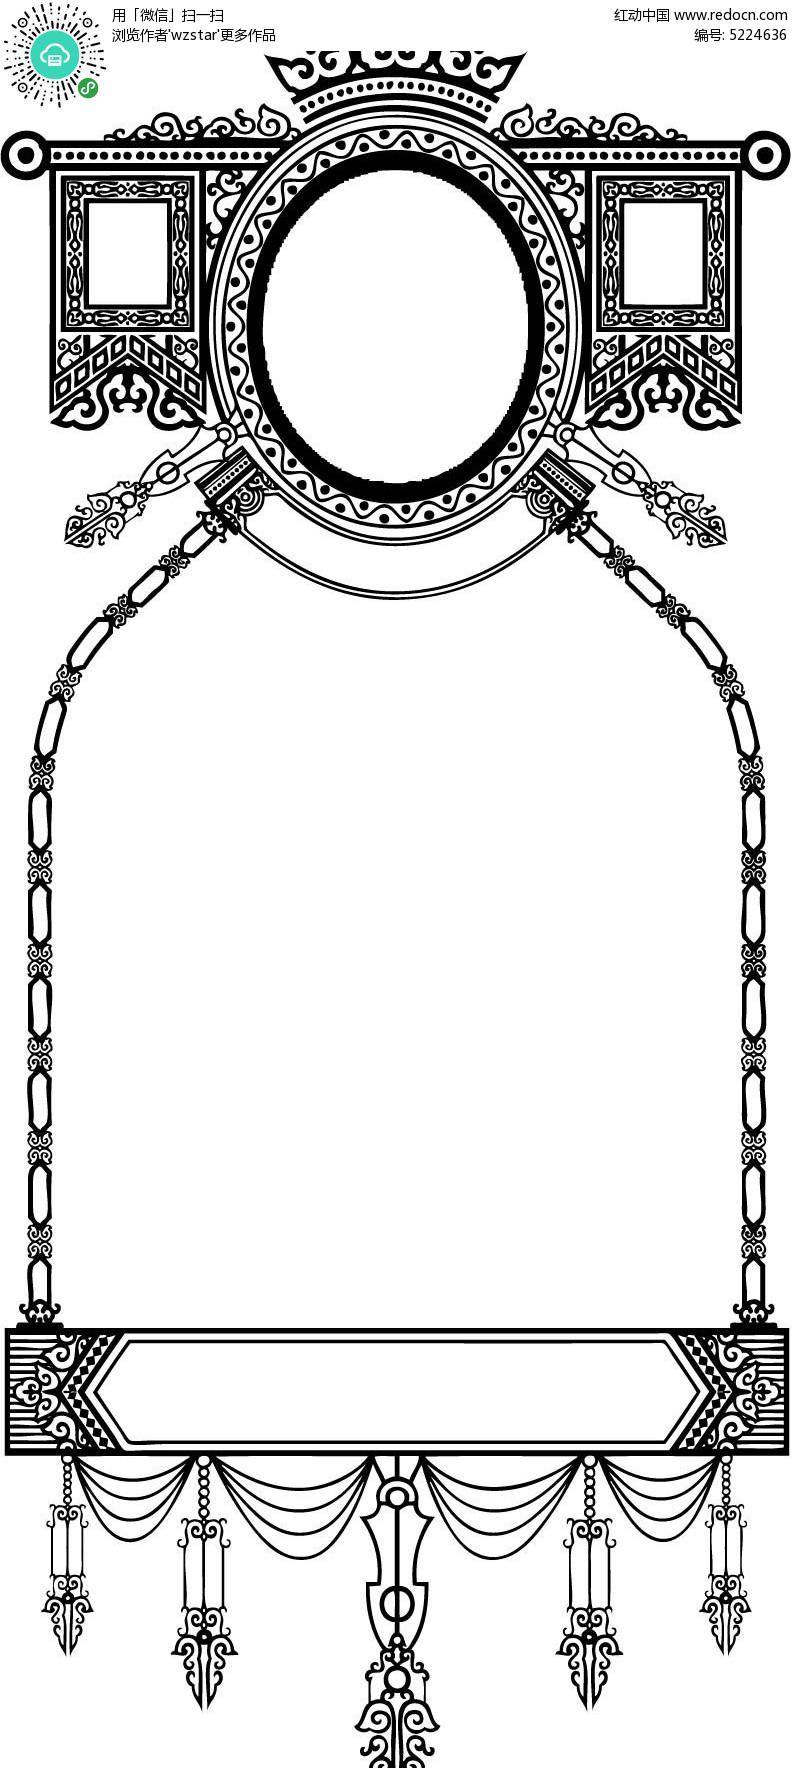 线条欧式装饰花边 古典花纹镜框 矢量欧式边框图案 黑白花纹素材 ai图片